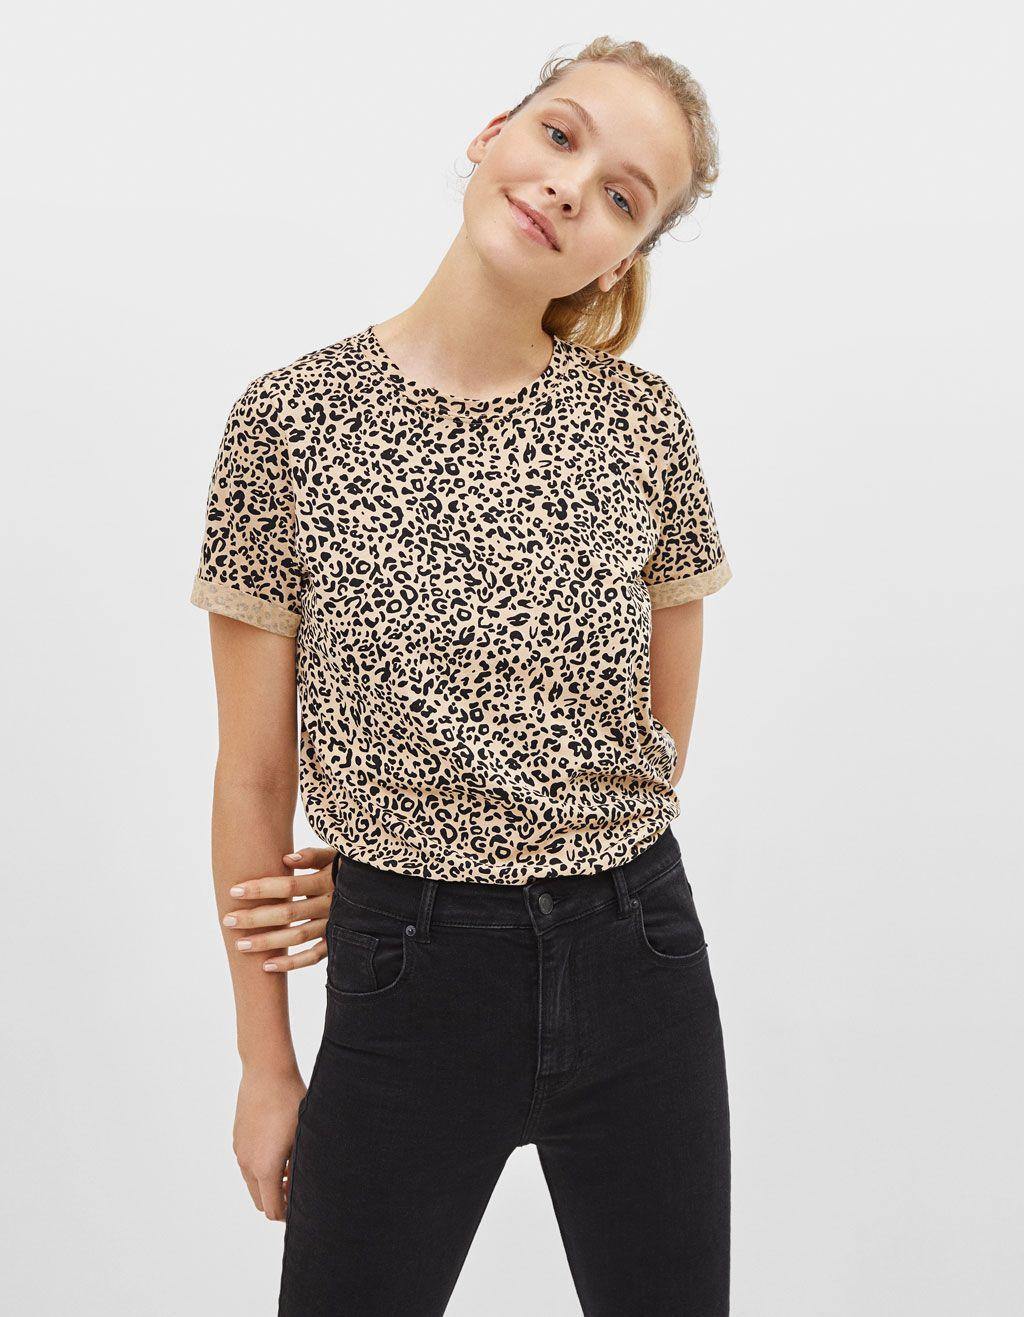 4c11daede3 Camiseta con estampado leopardo en 2019